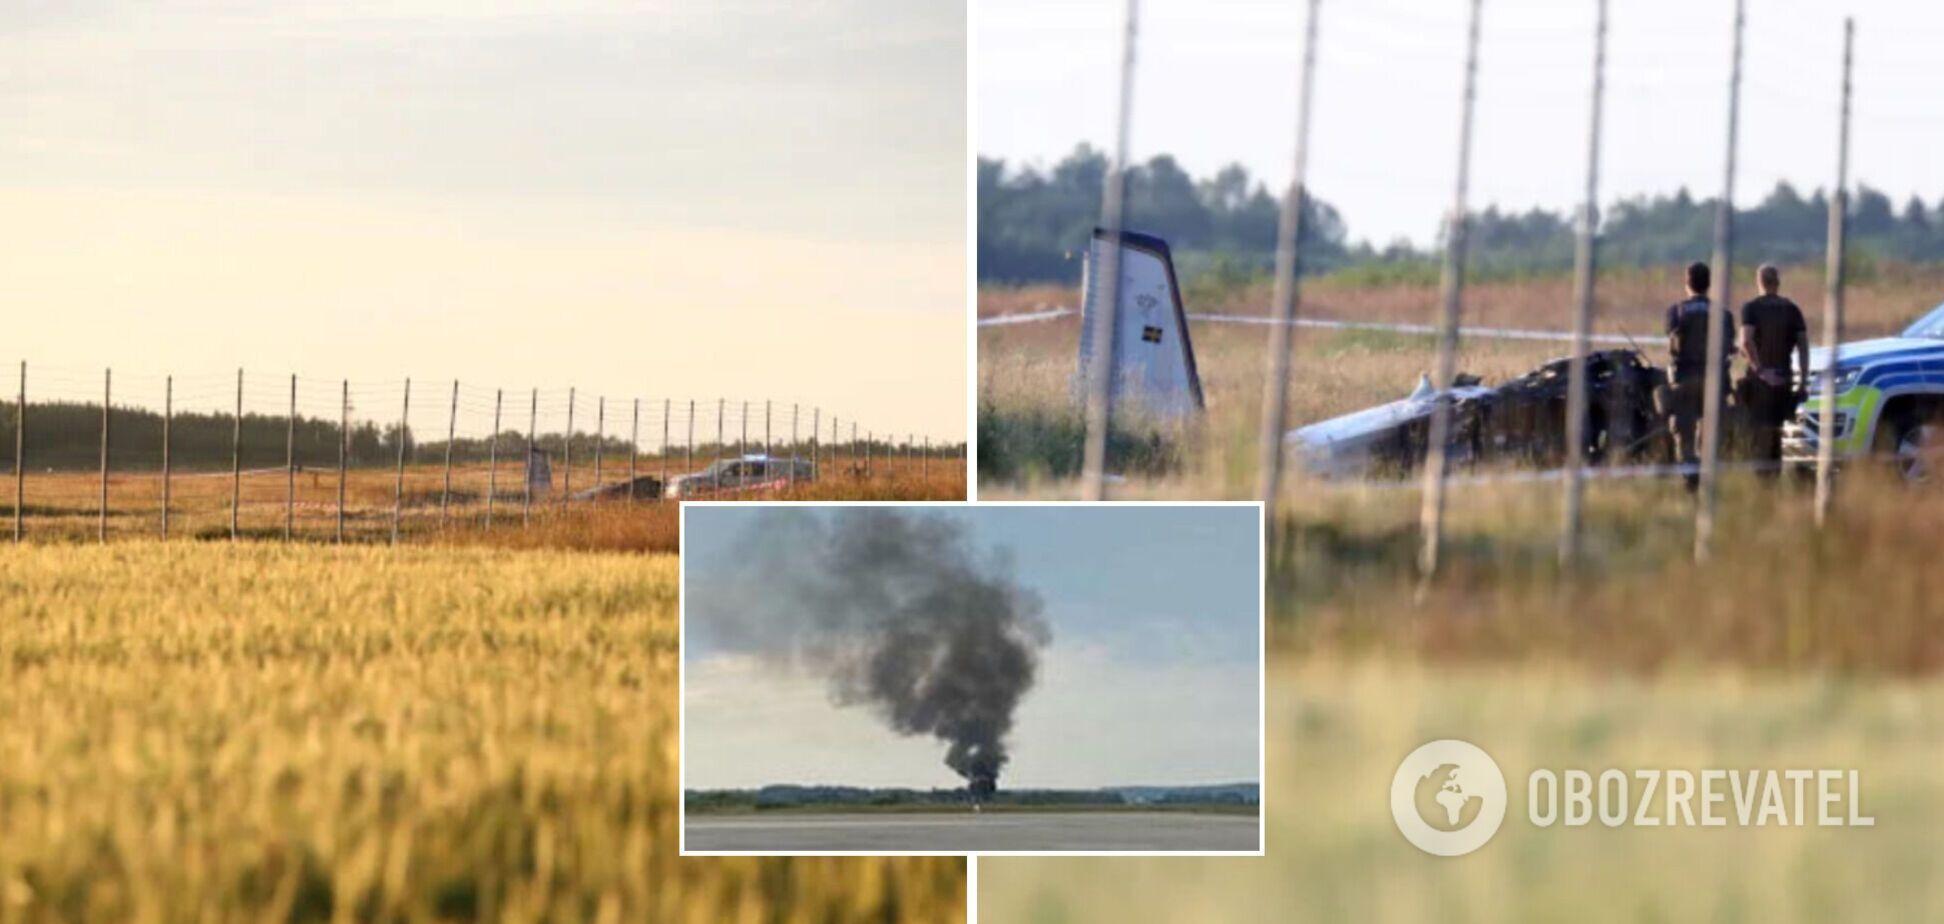 В Швеции разбился самолет с парашютистами: есть погибшие. Фото